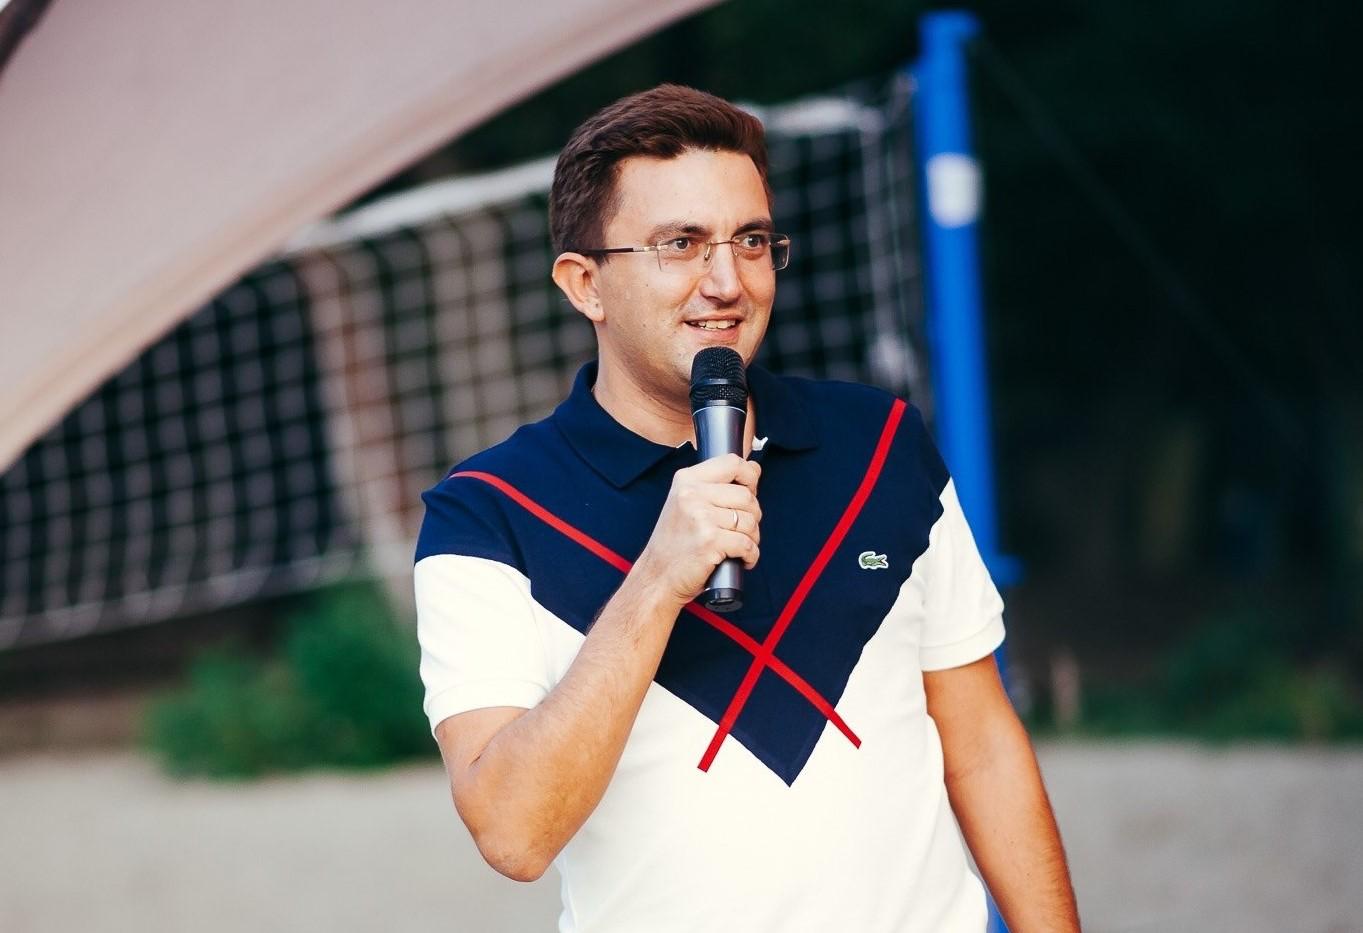 «Не время стоять в стороне». Как IT-компании могут помочь медикам: колонка Алексея Витченко